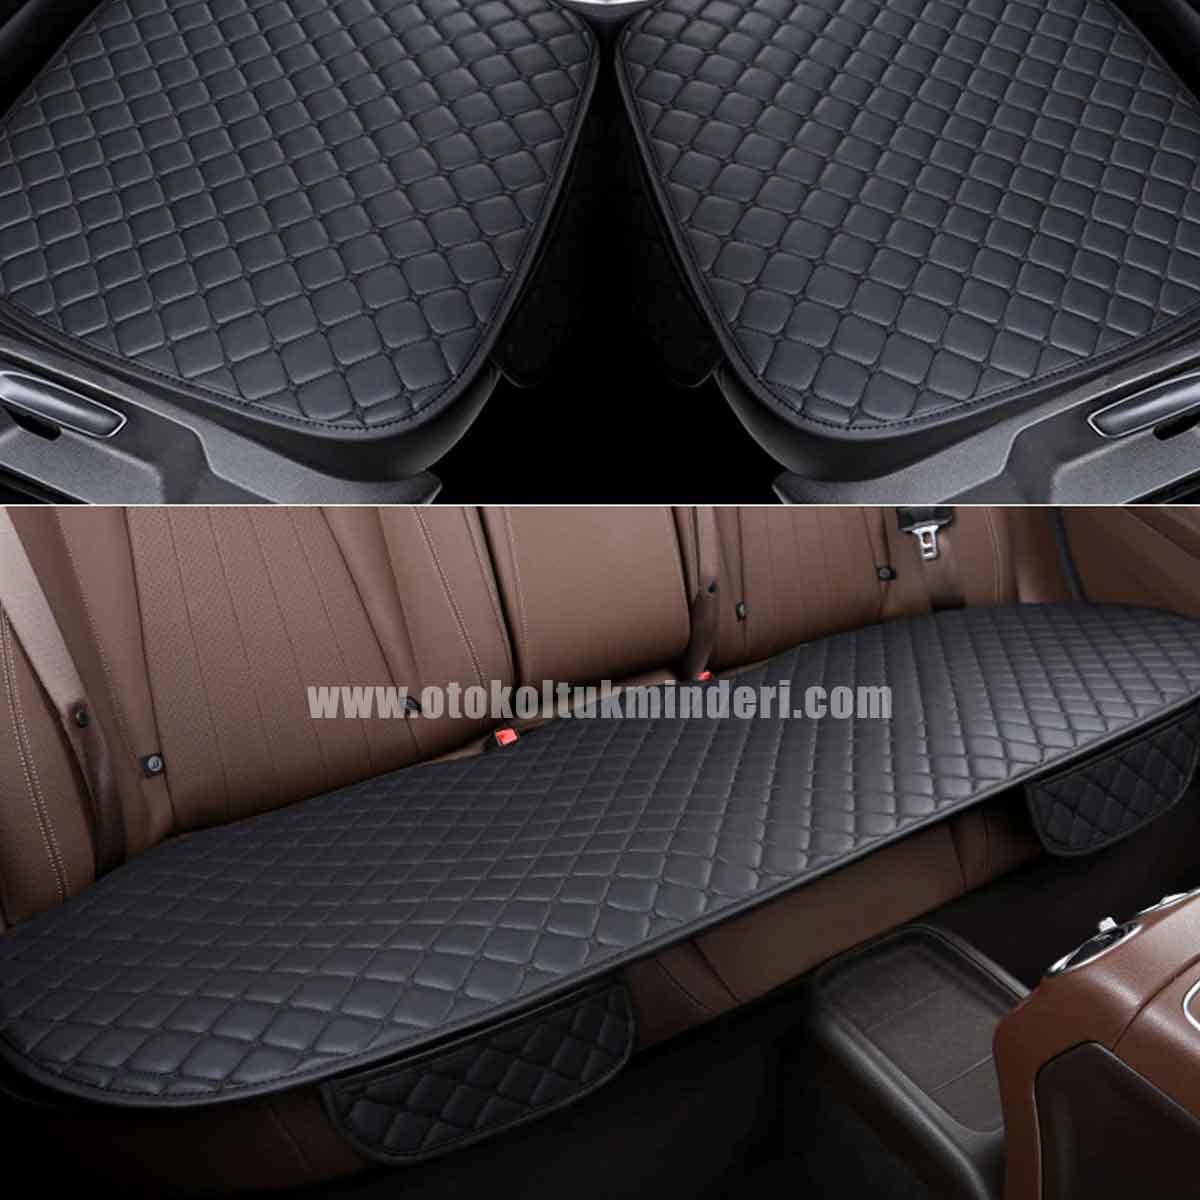 Seat koltuk kılıfı deri - Seat Koltuk minderi Siyah Deri Cepli